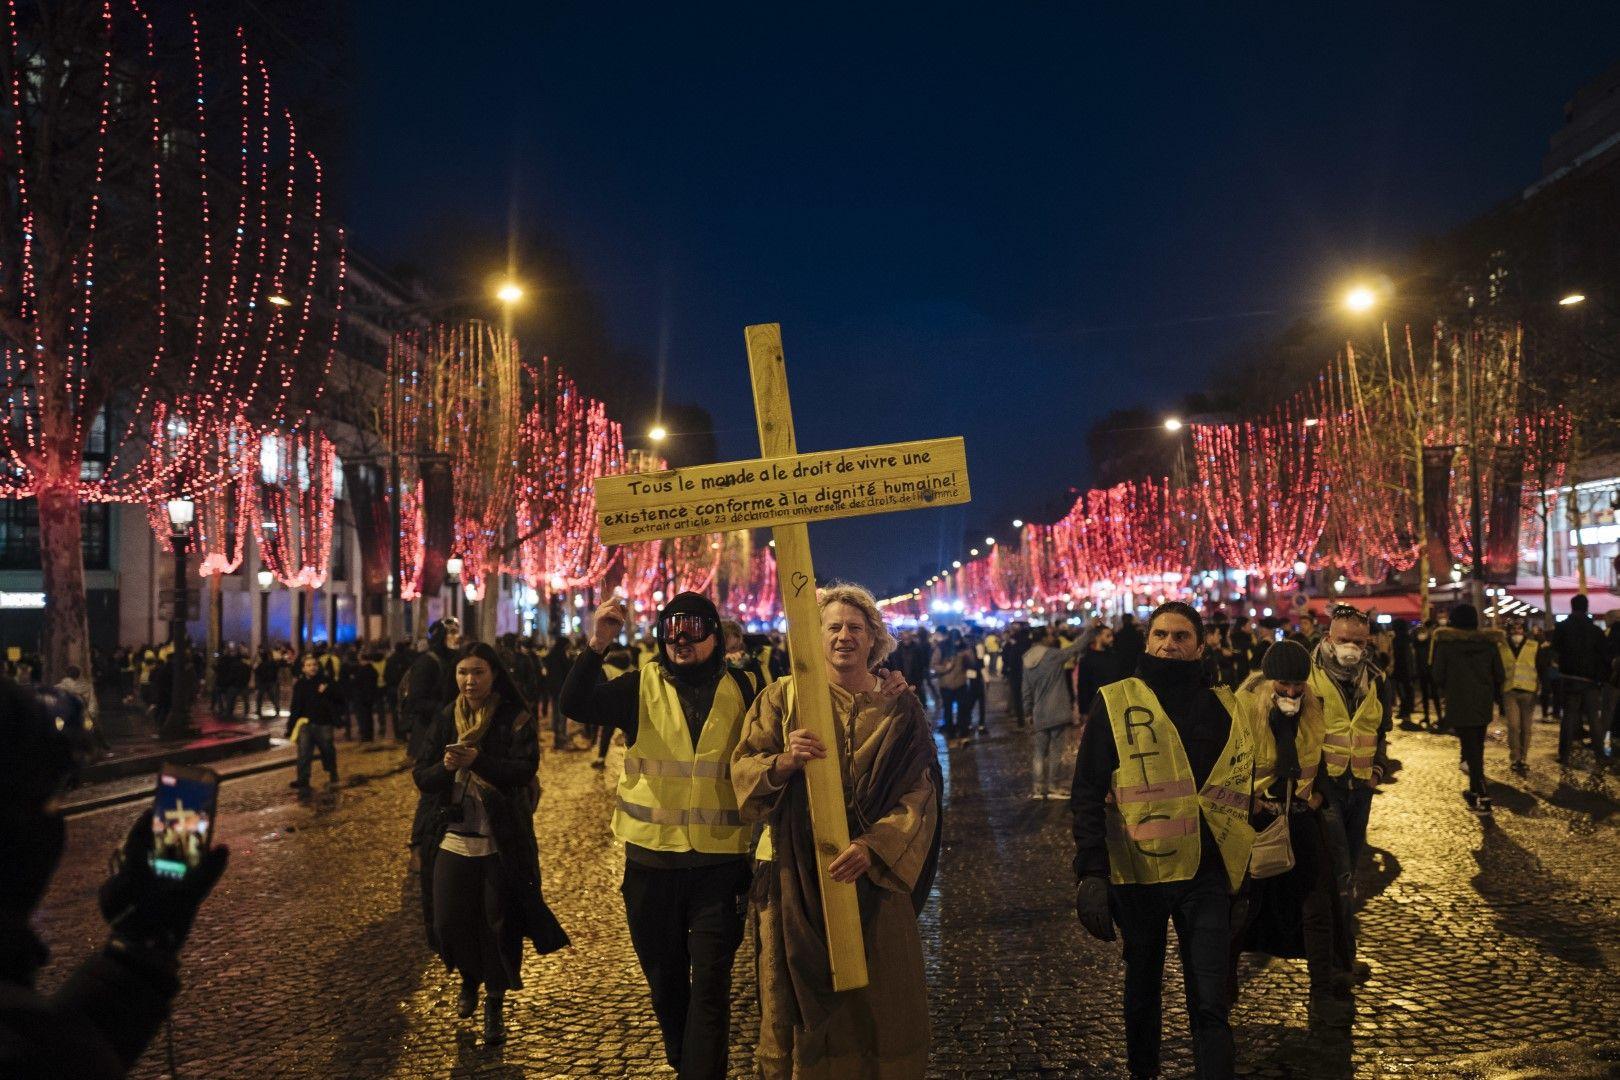 Оредял протест на жълти жилетки в събота, 22 декември 2018 г., в Париж. Демонстранти носят жълт кръст с изписан на него текст от Декларацията за правата на човека